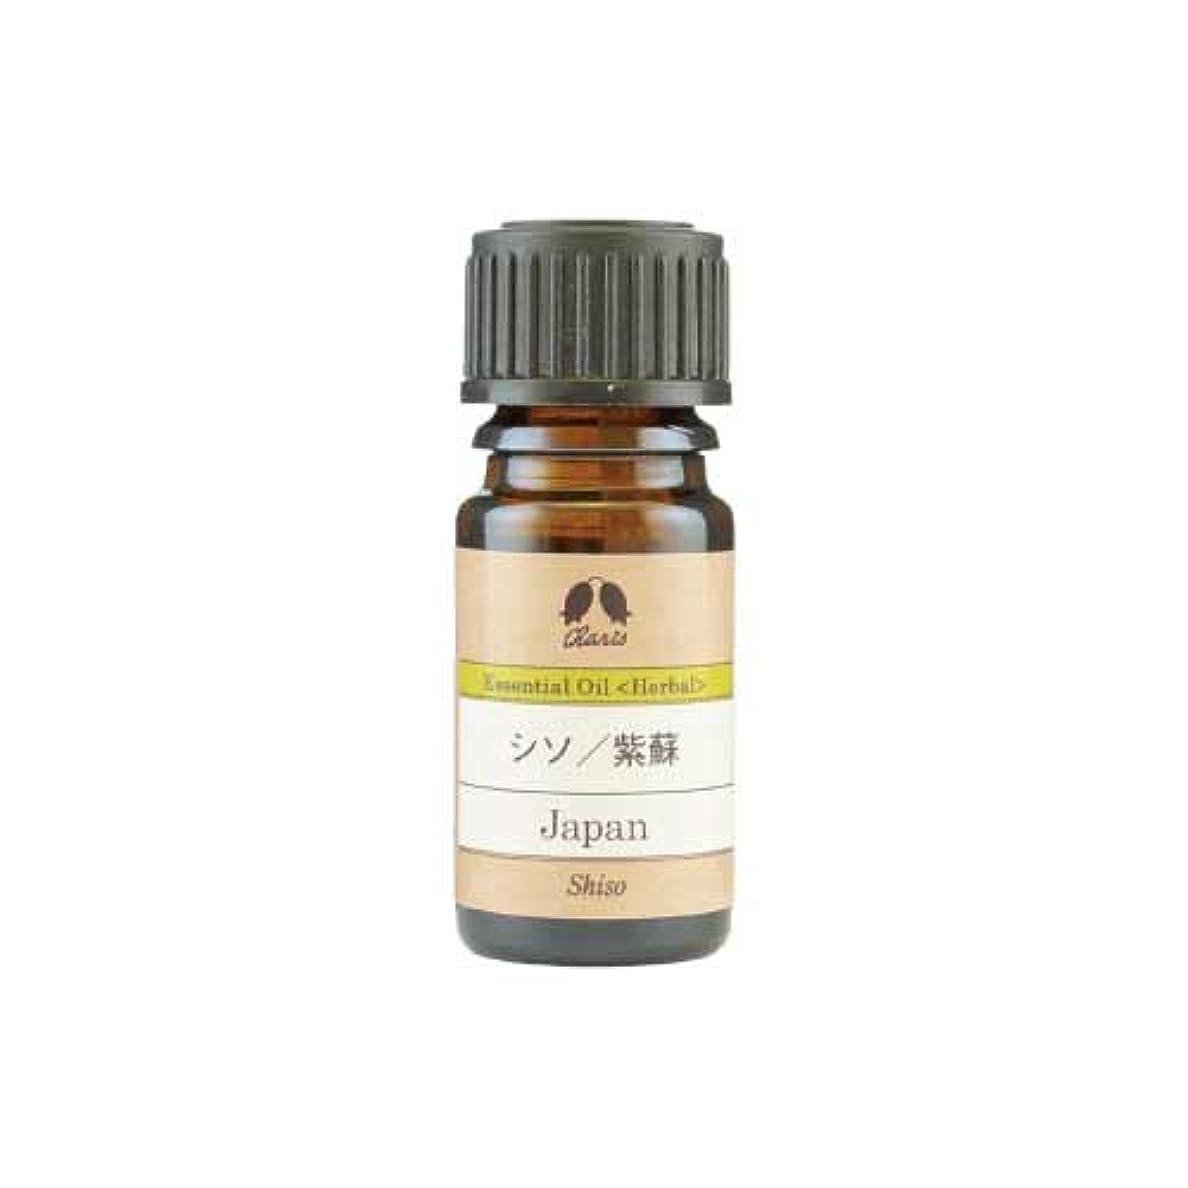 平衡つぼみナットカリス シソ/紫蘇 オイル 2ml